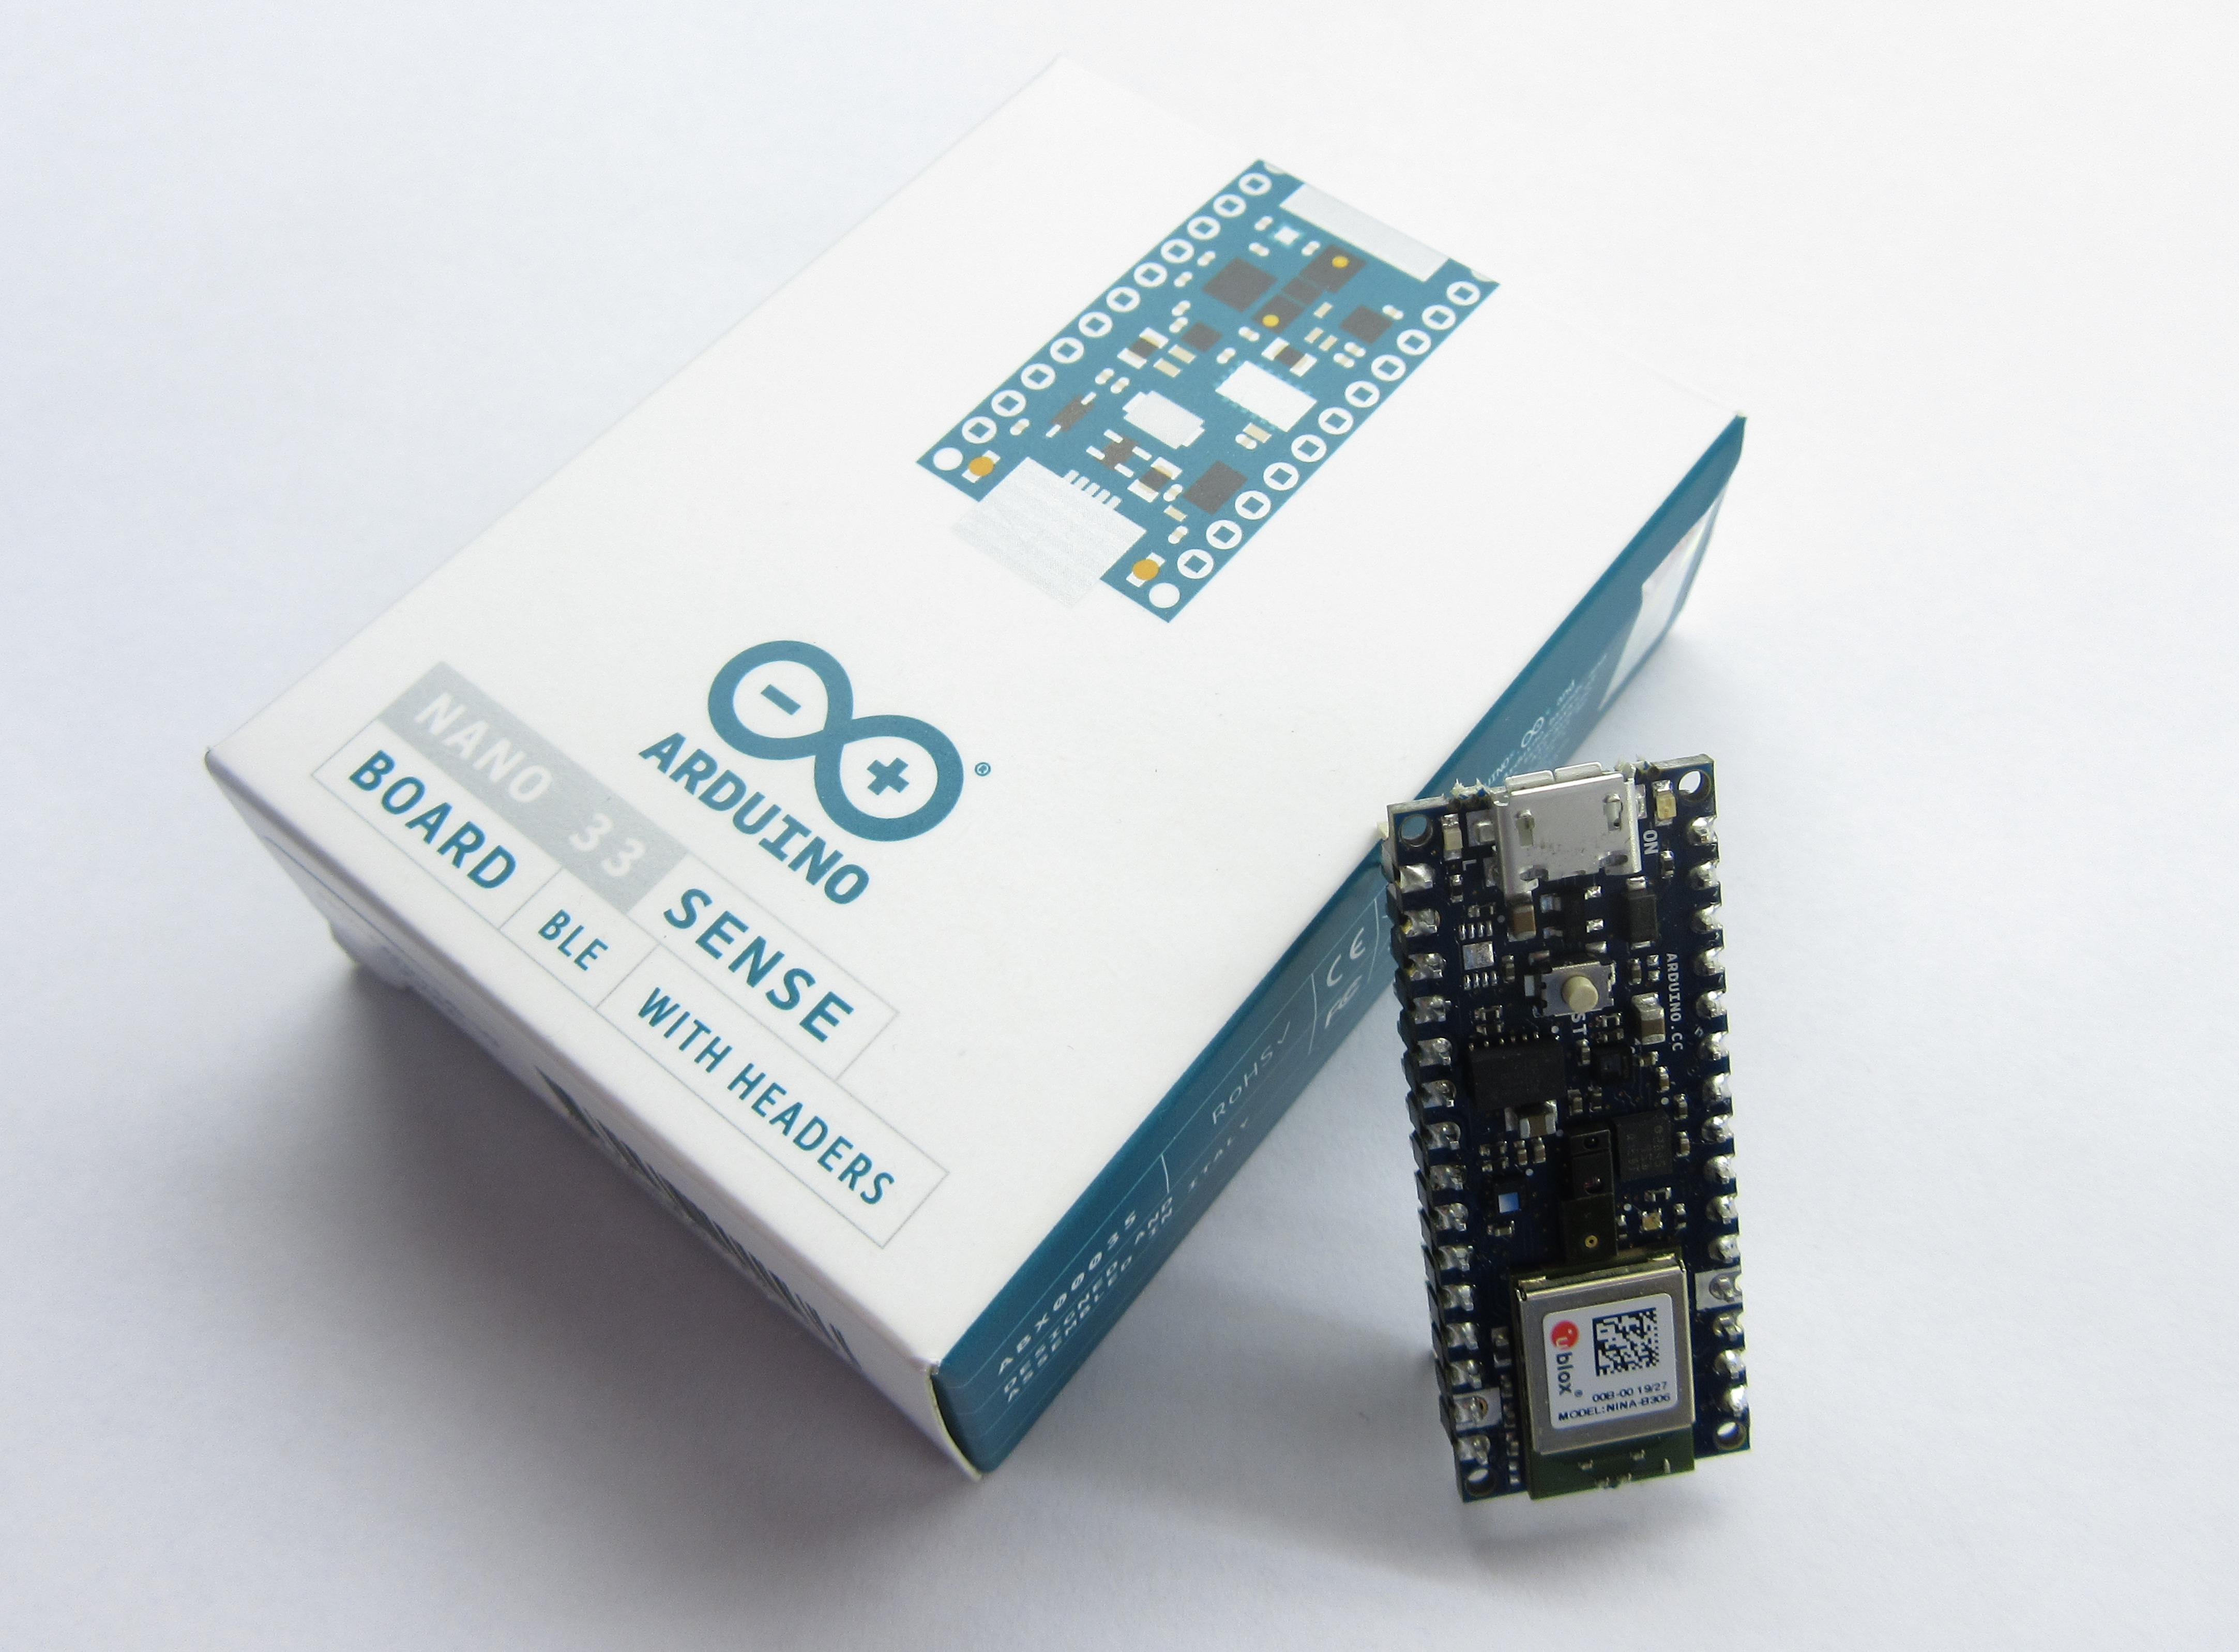 Nano 33 Sense Arduino board